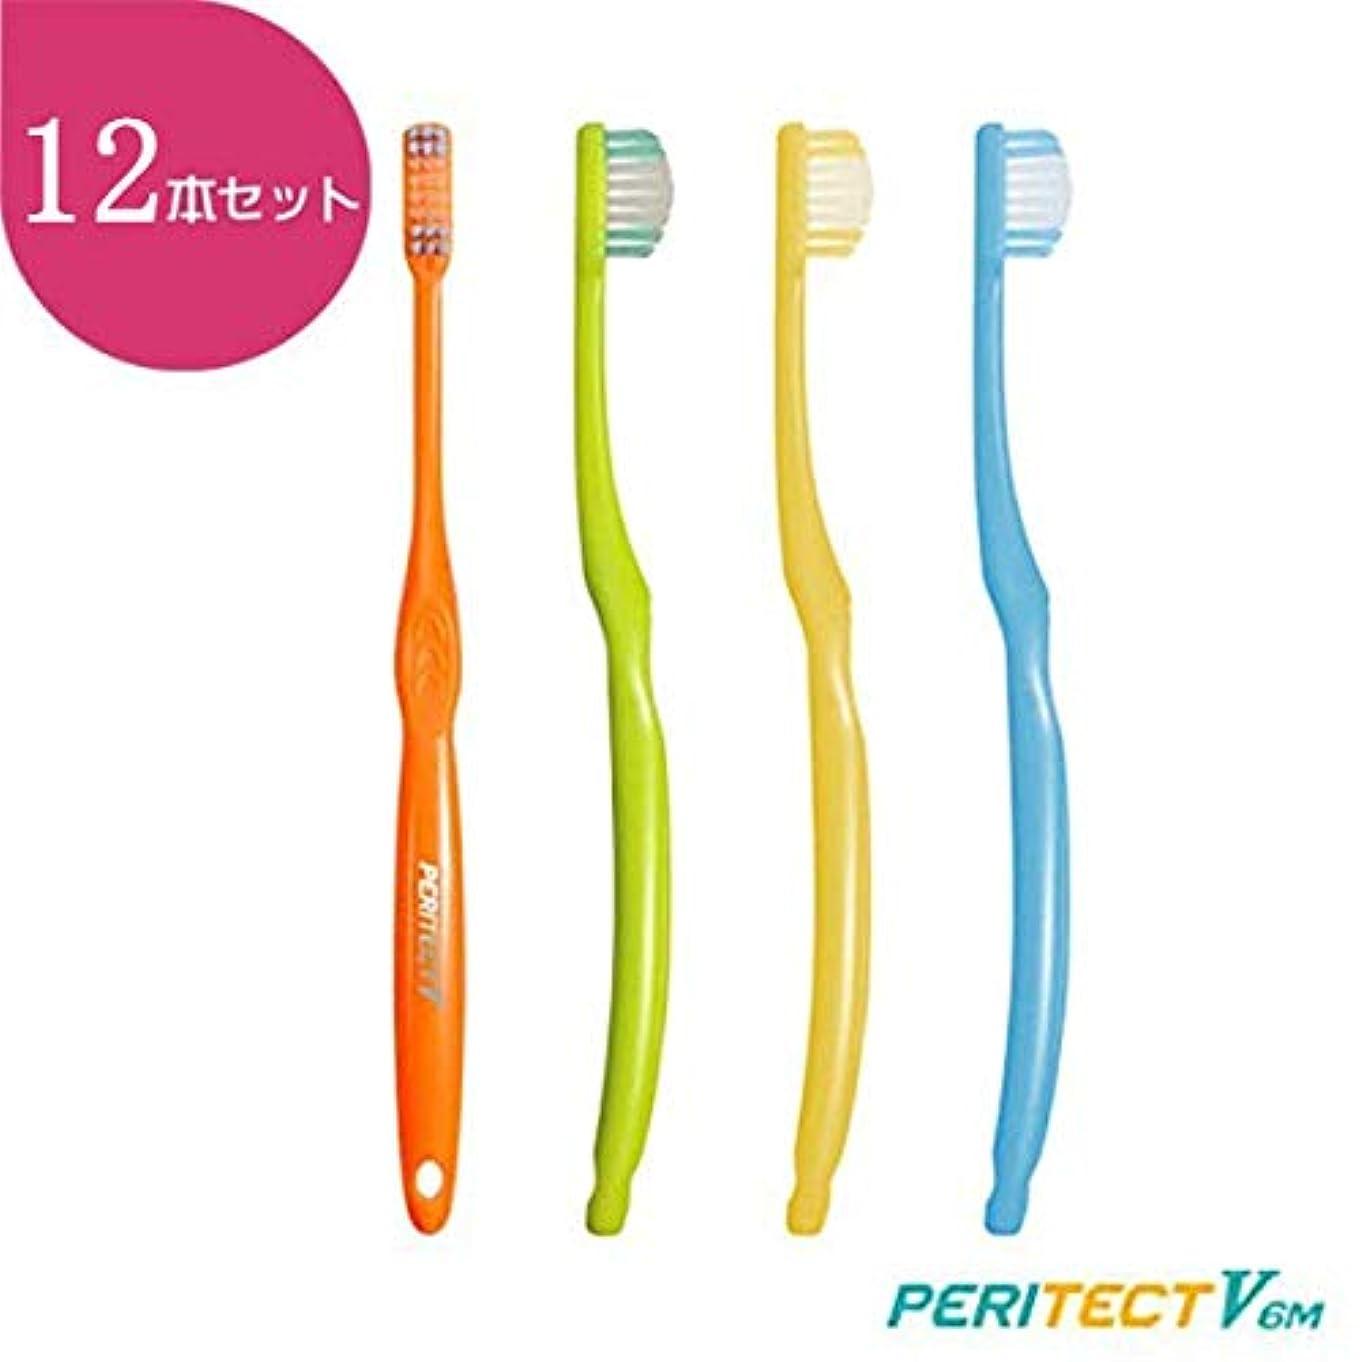 別れる内部告白するビーブランド PERITECT V ペリテクト ブイ 6M(やわらかめ)×12本 歯ブラシ 歯科専売品